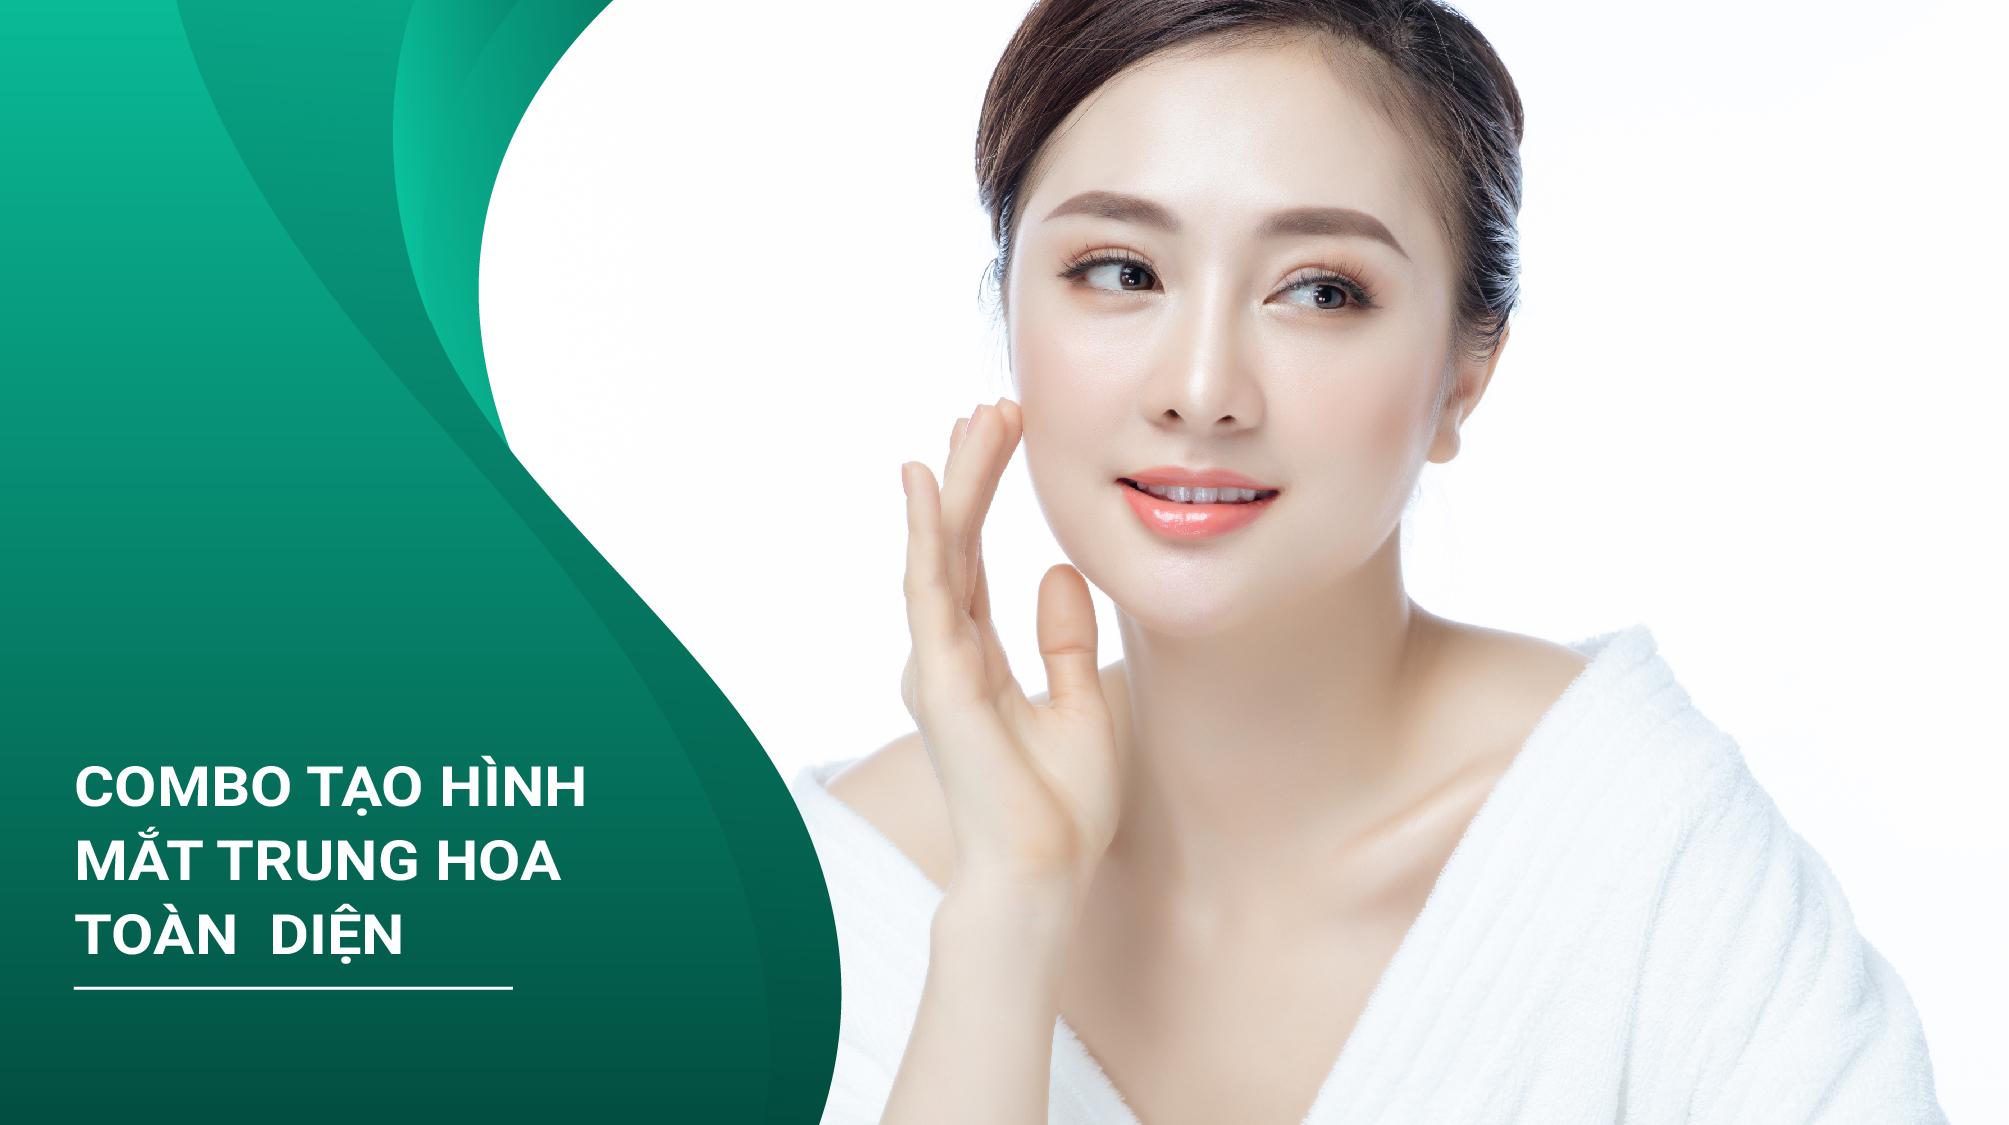 Combo Tạo Hình Mắt Trung Hoa